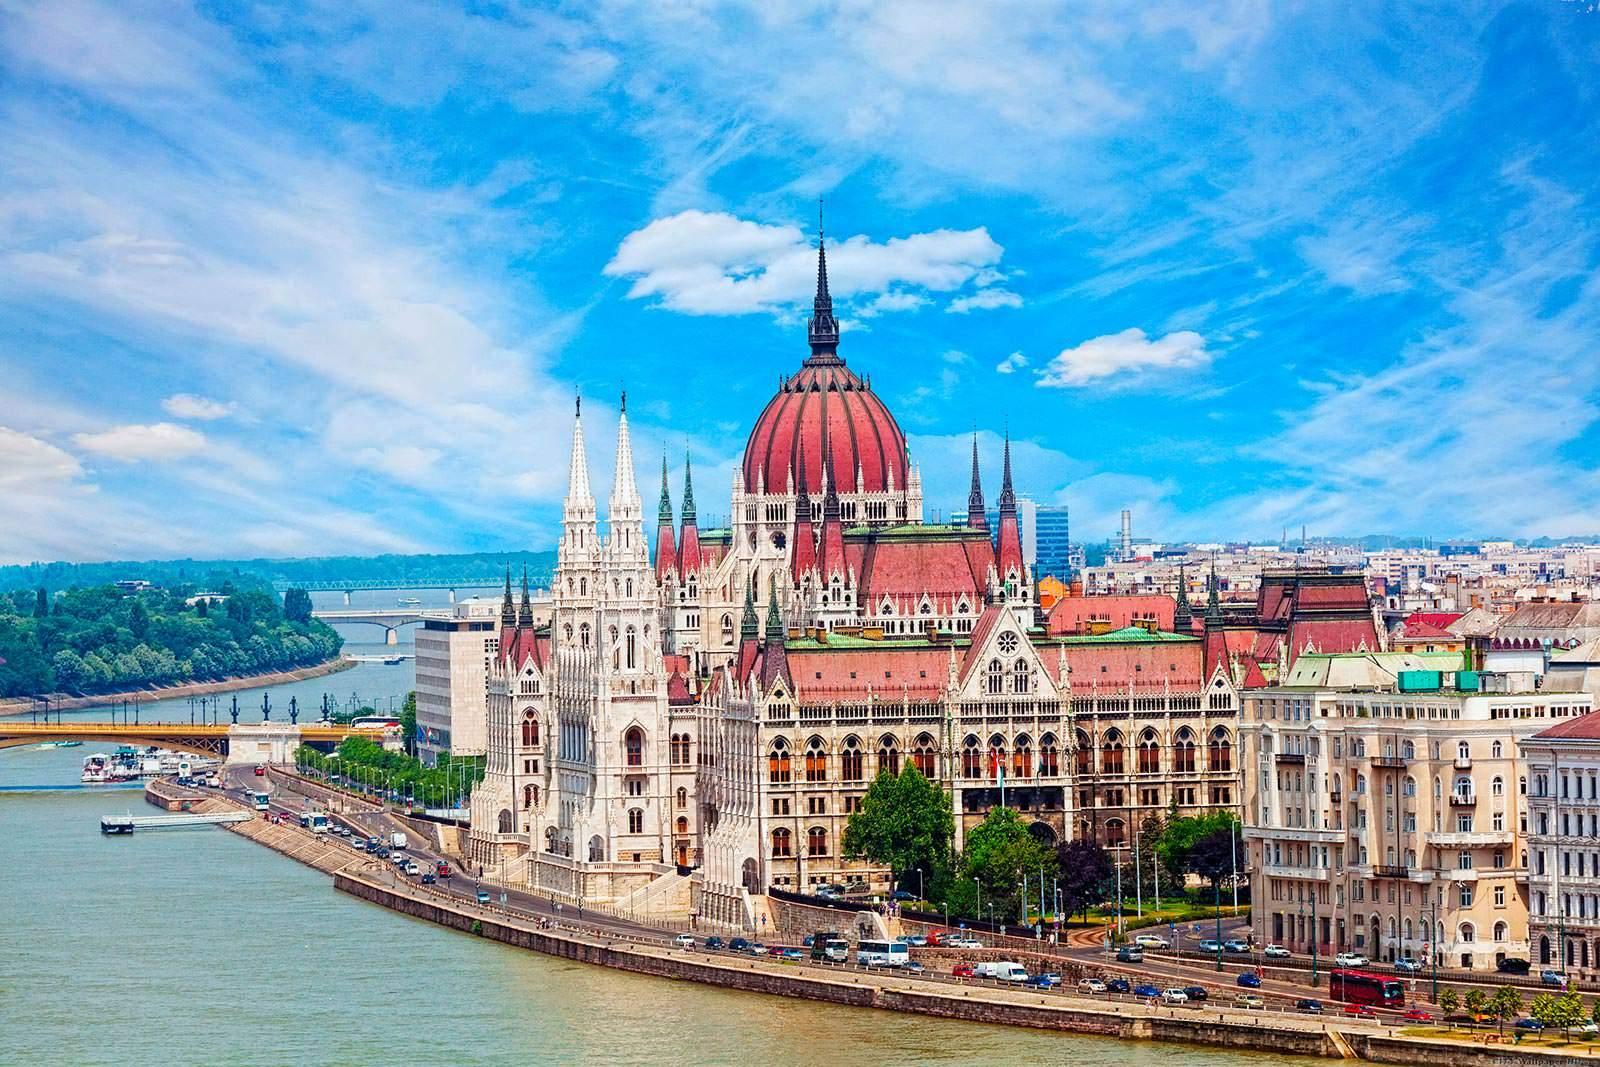 Будапешт – столица и крупнейший город Венгрии